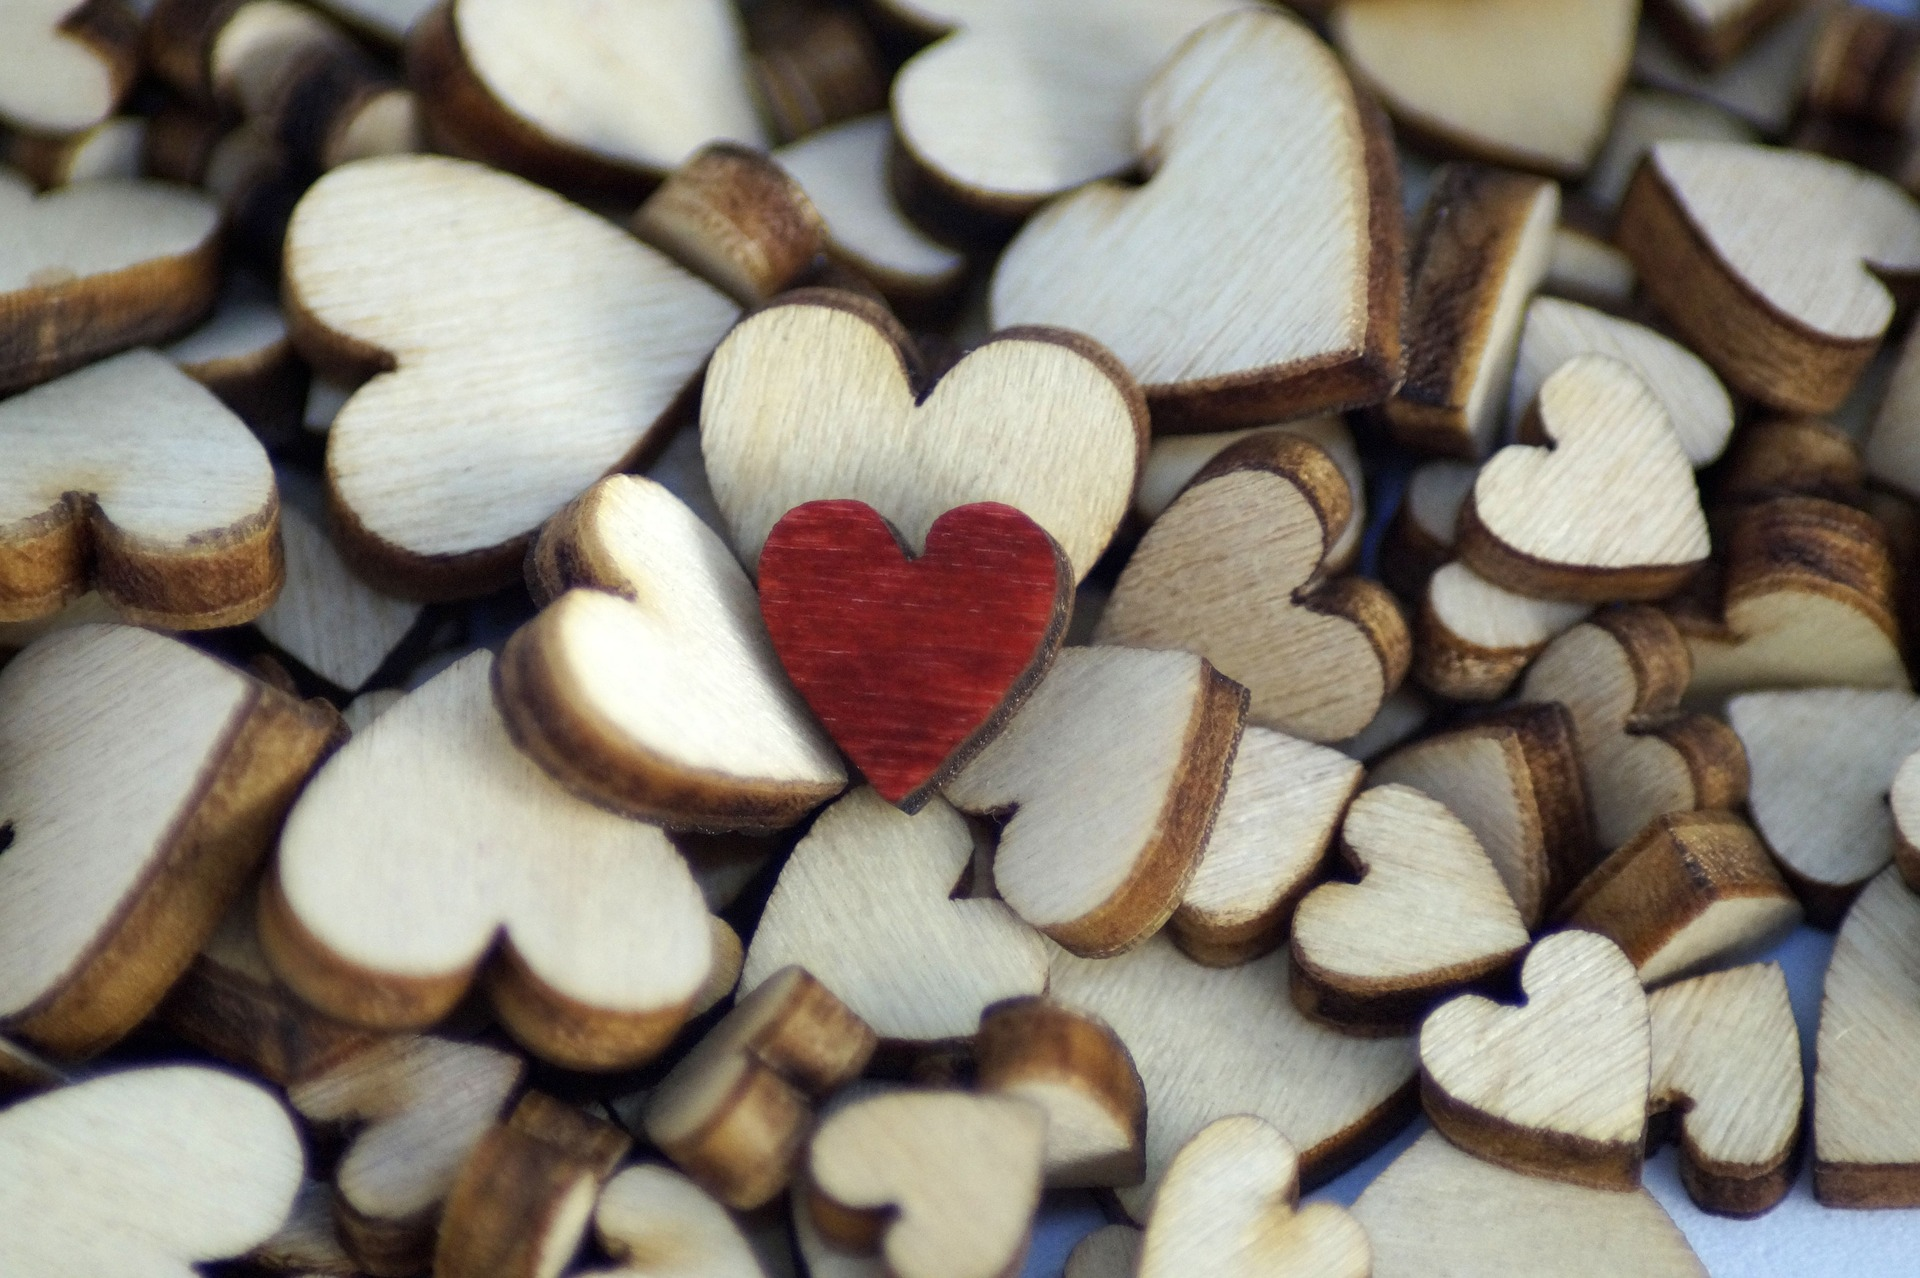 saint valentin heart 3980232 1920